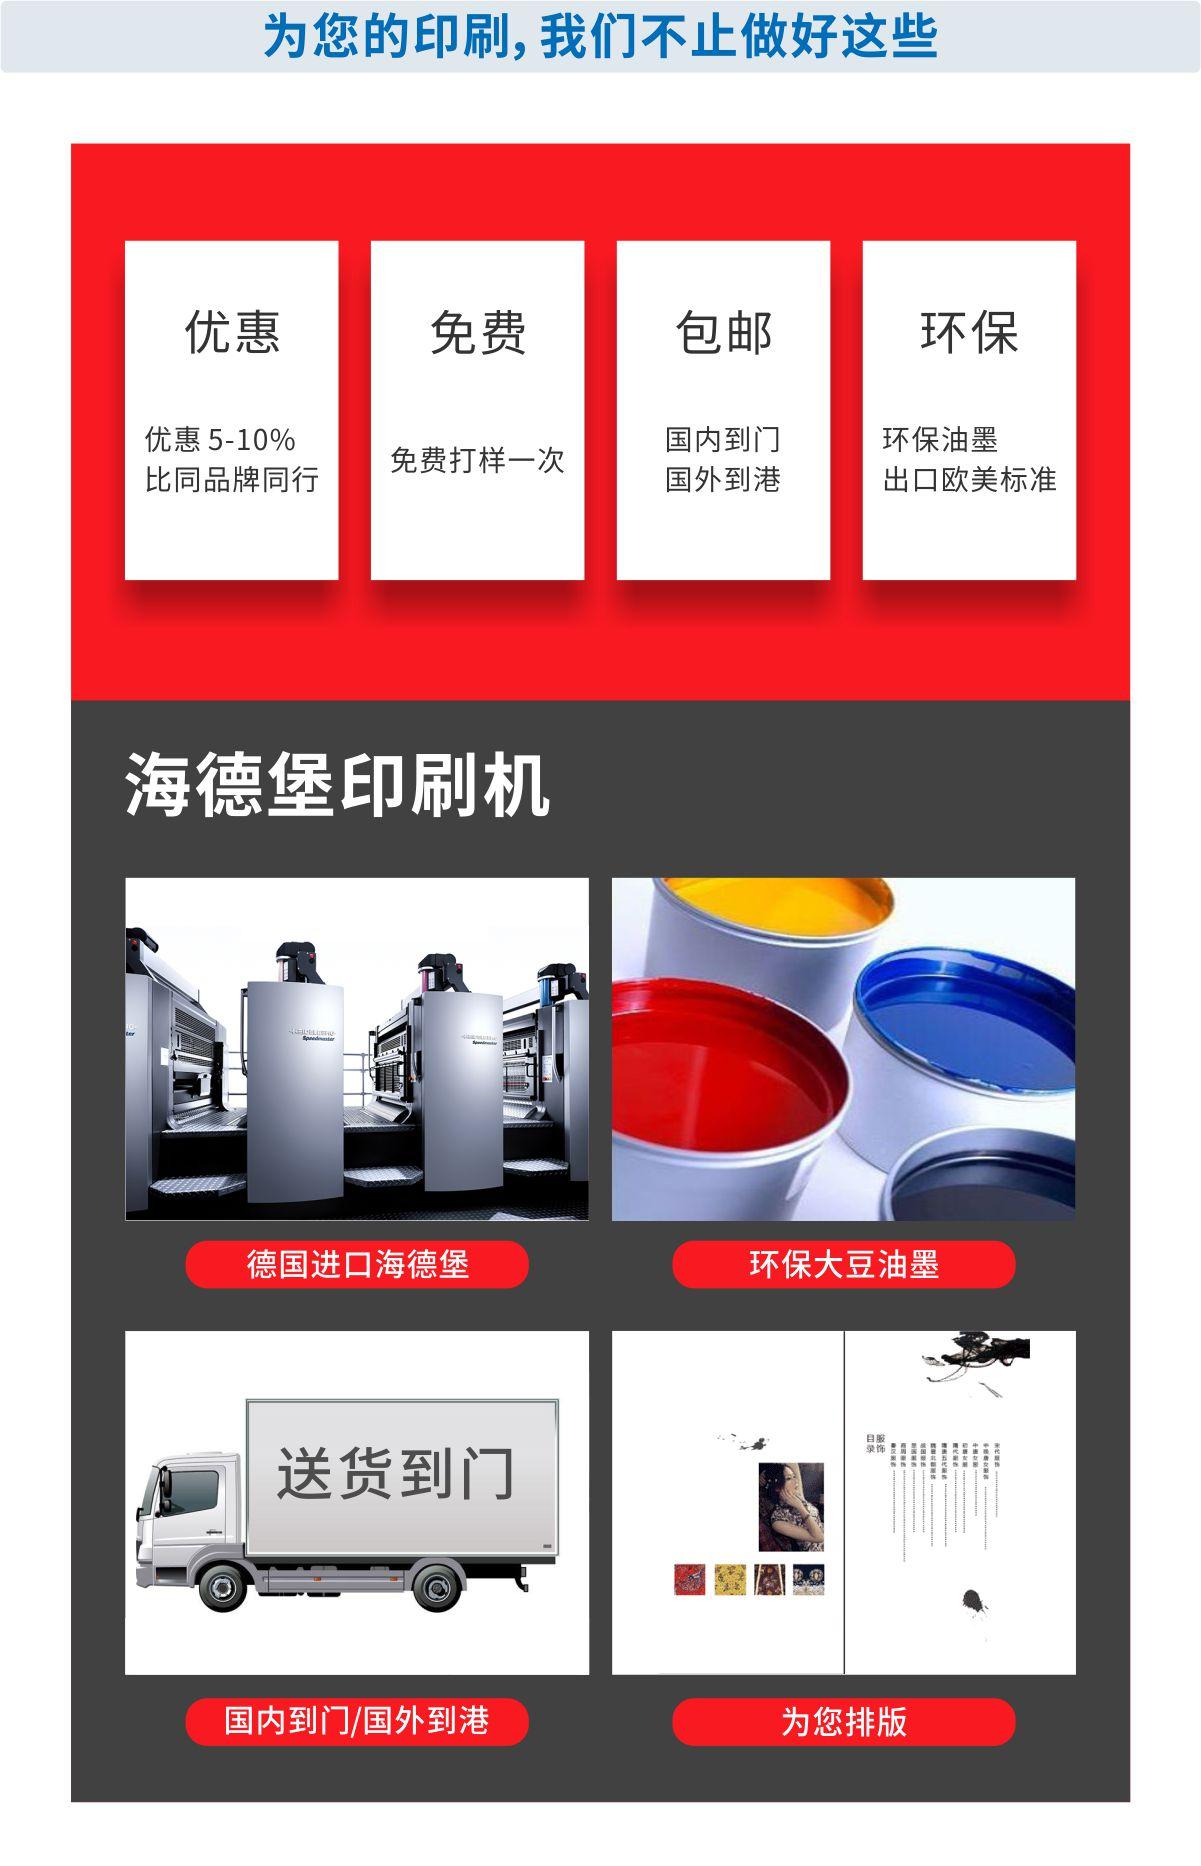 深圳企业画册印刷厂的上风